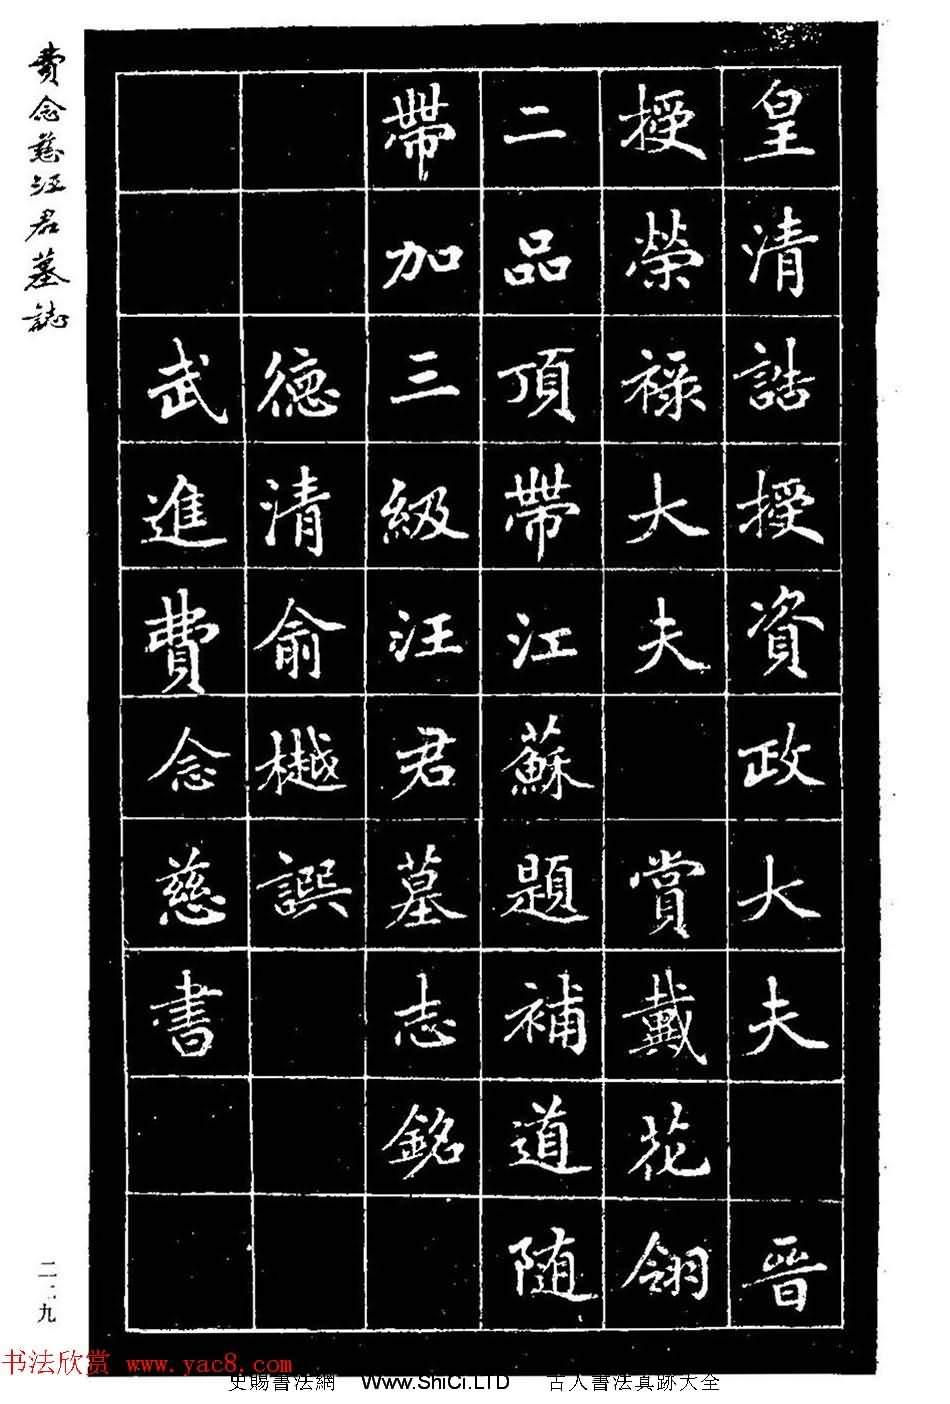 費念慈楷書真跡欣賞《汪君墓誌銘》(共28張圖片)